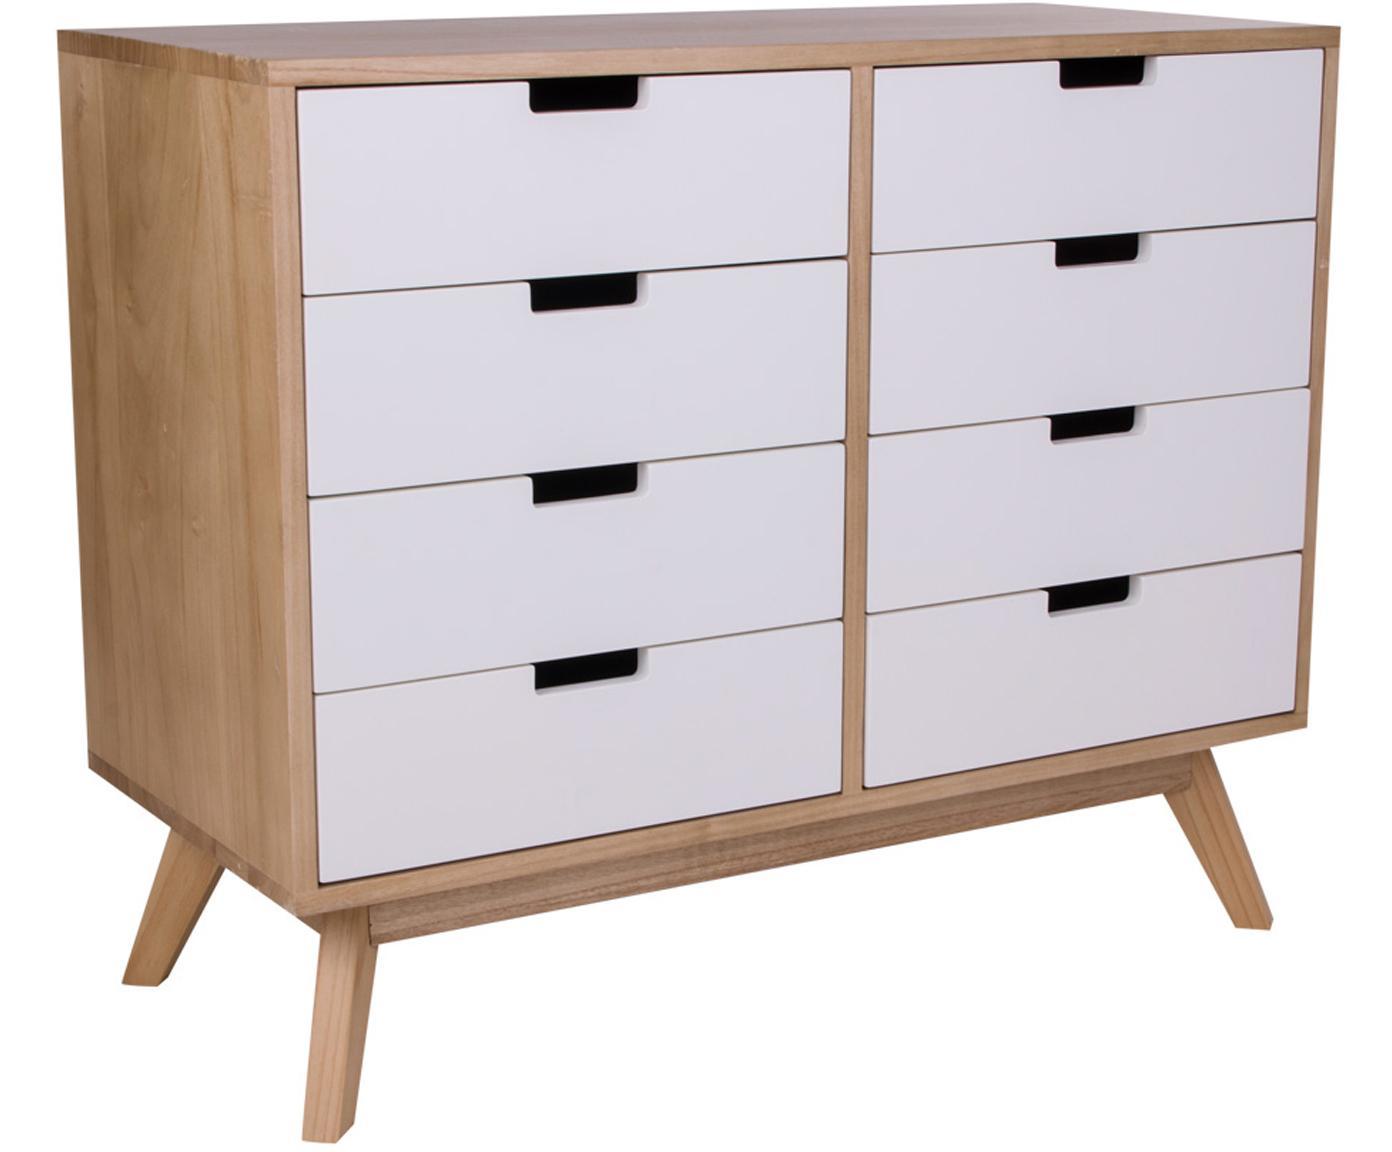 Szafka z szufladami Milano, Drewno paulownia, płyta pilśniowa średniej gęstości (MDF), Biały, drewno paulownia, S 79 x W 65 cm